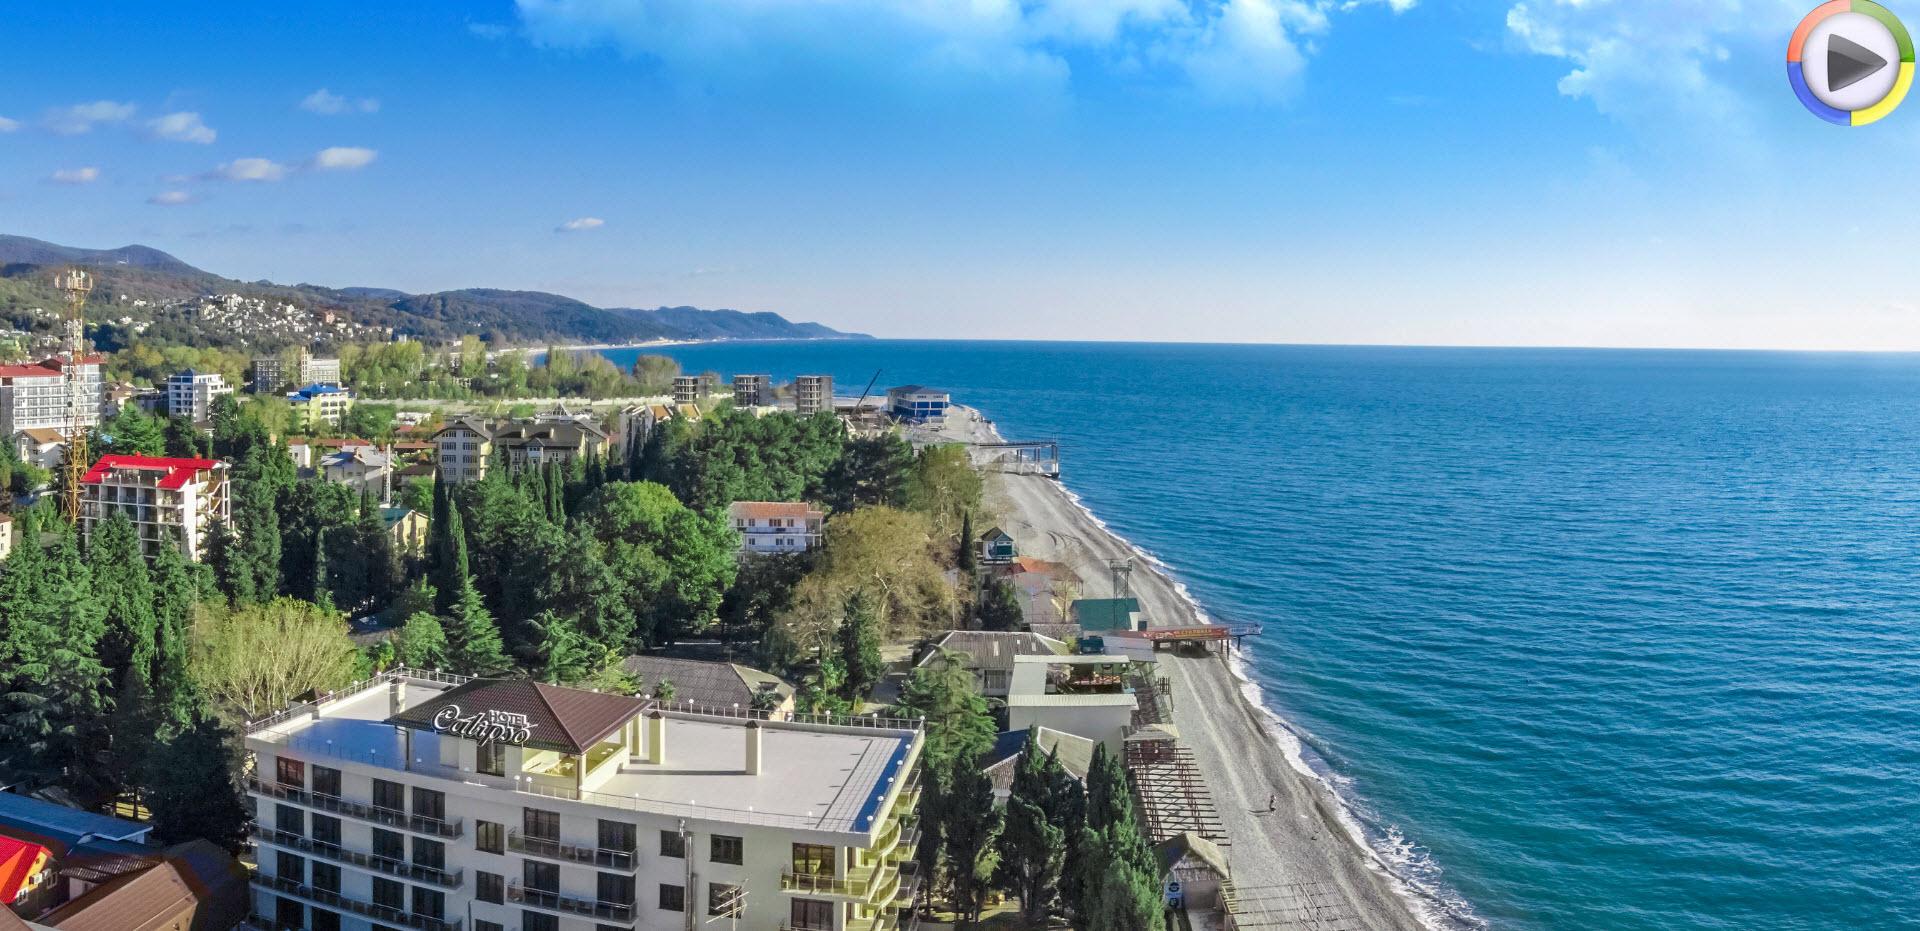 Лазаревская фото города и пляжа 2018